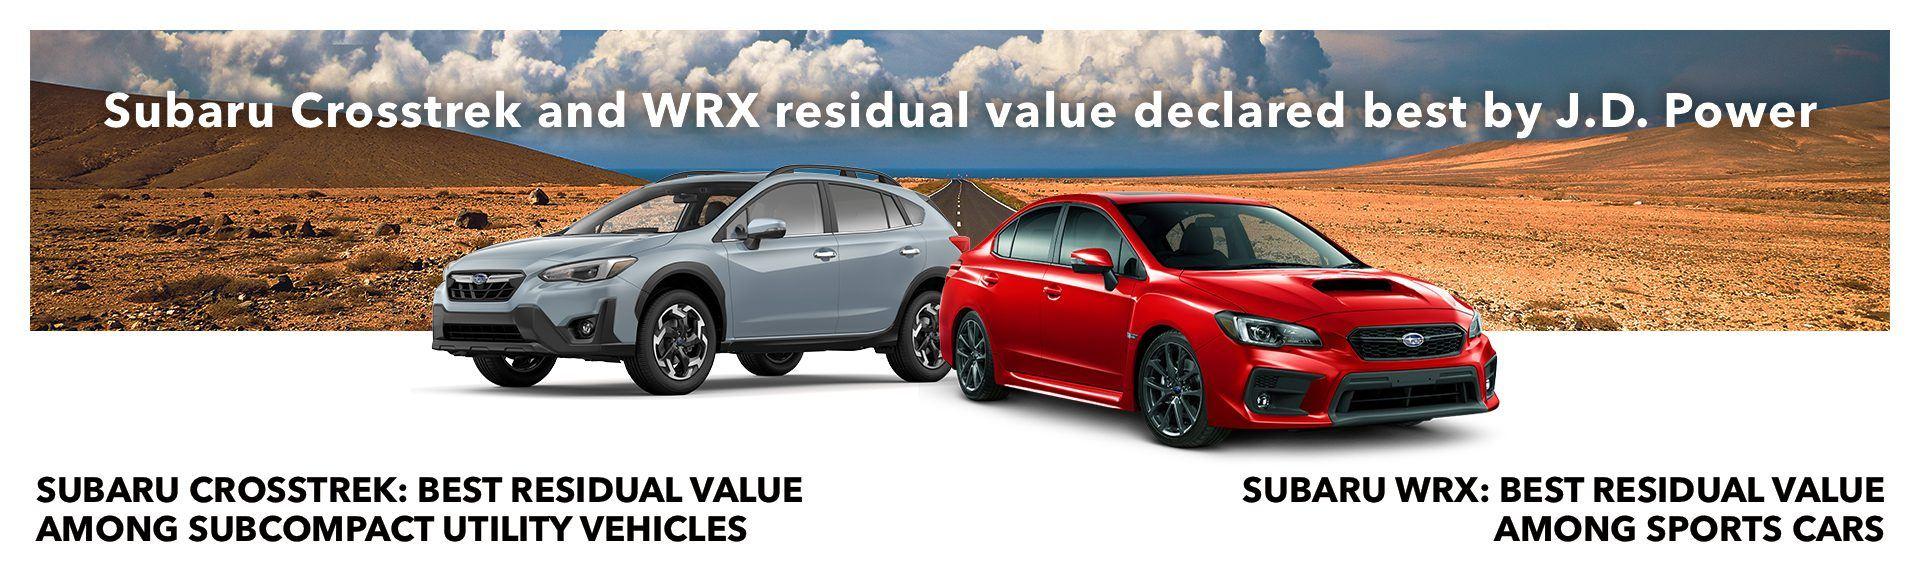 Subaru Crosstrek Banner promo